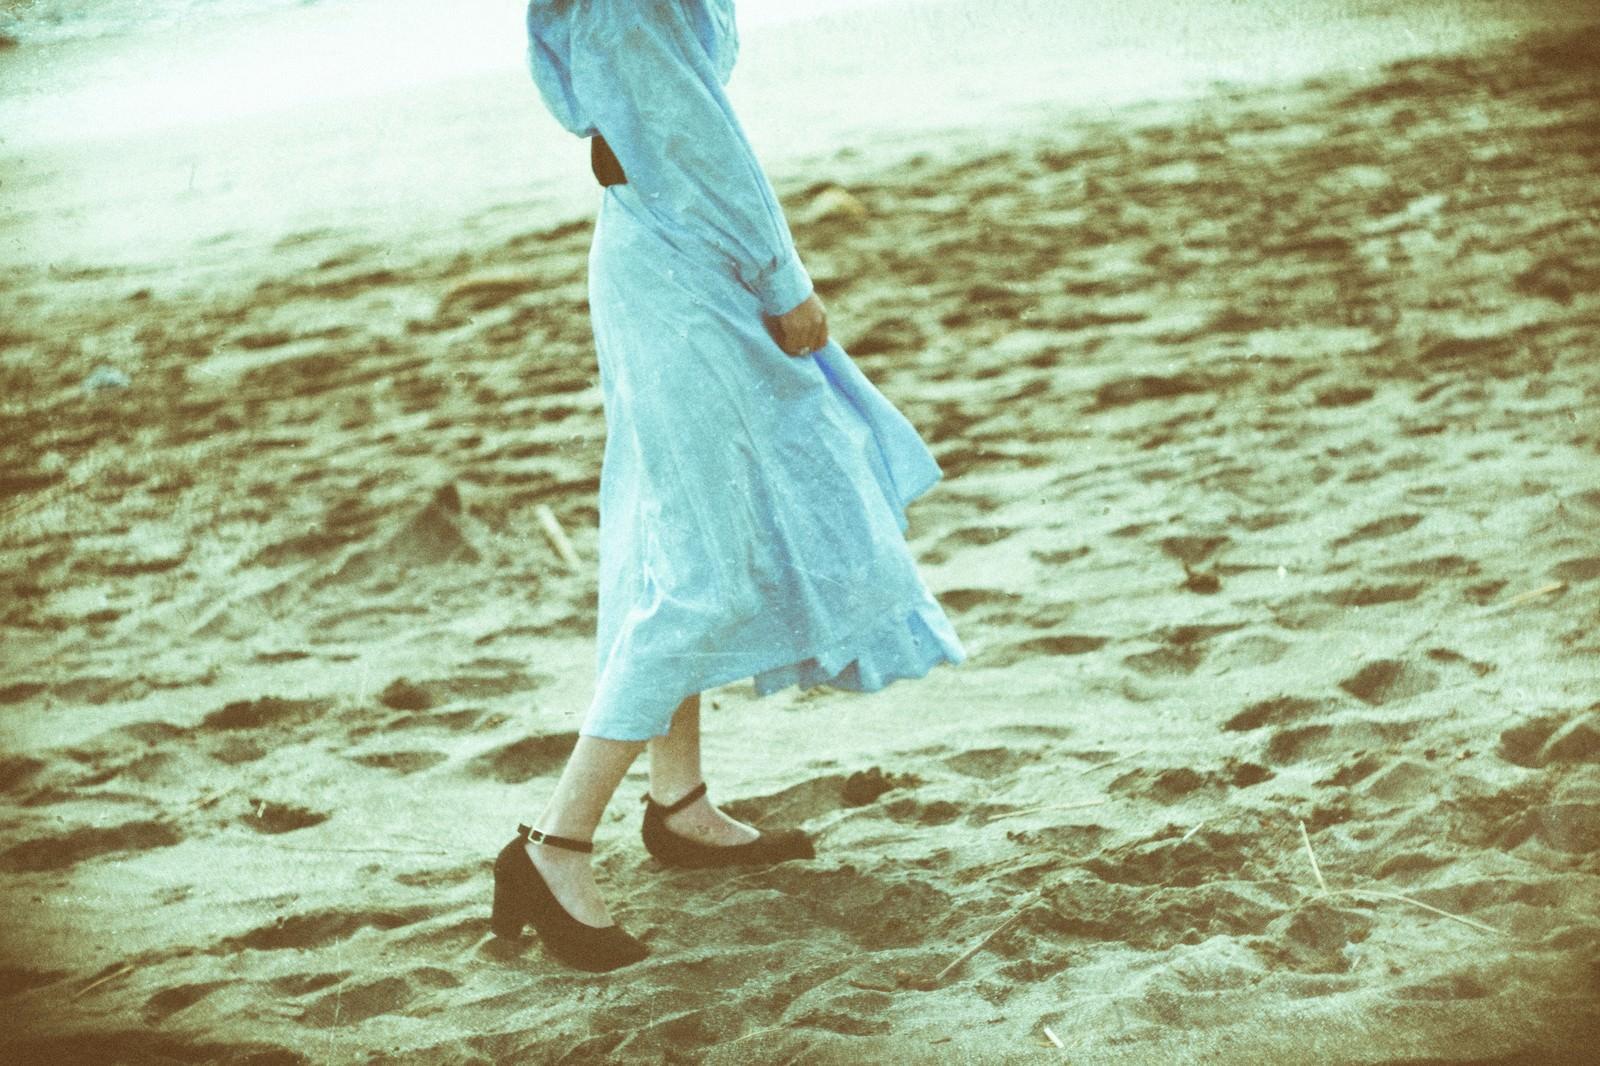 「砂浜を彼女と歩く記録」の写真